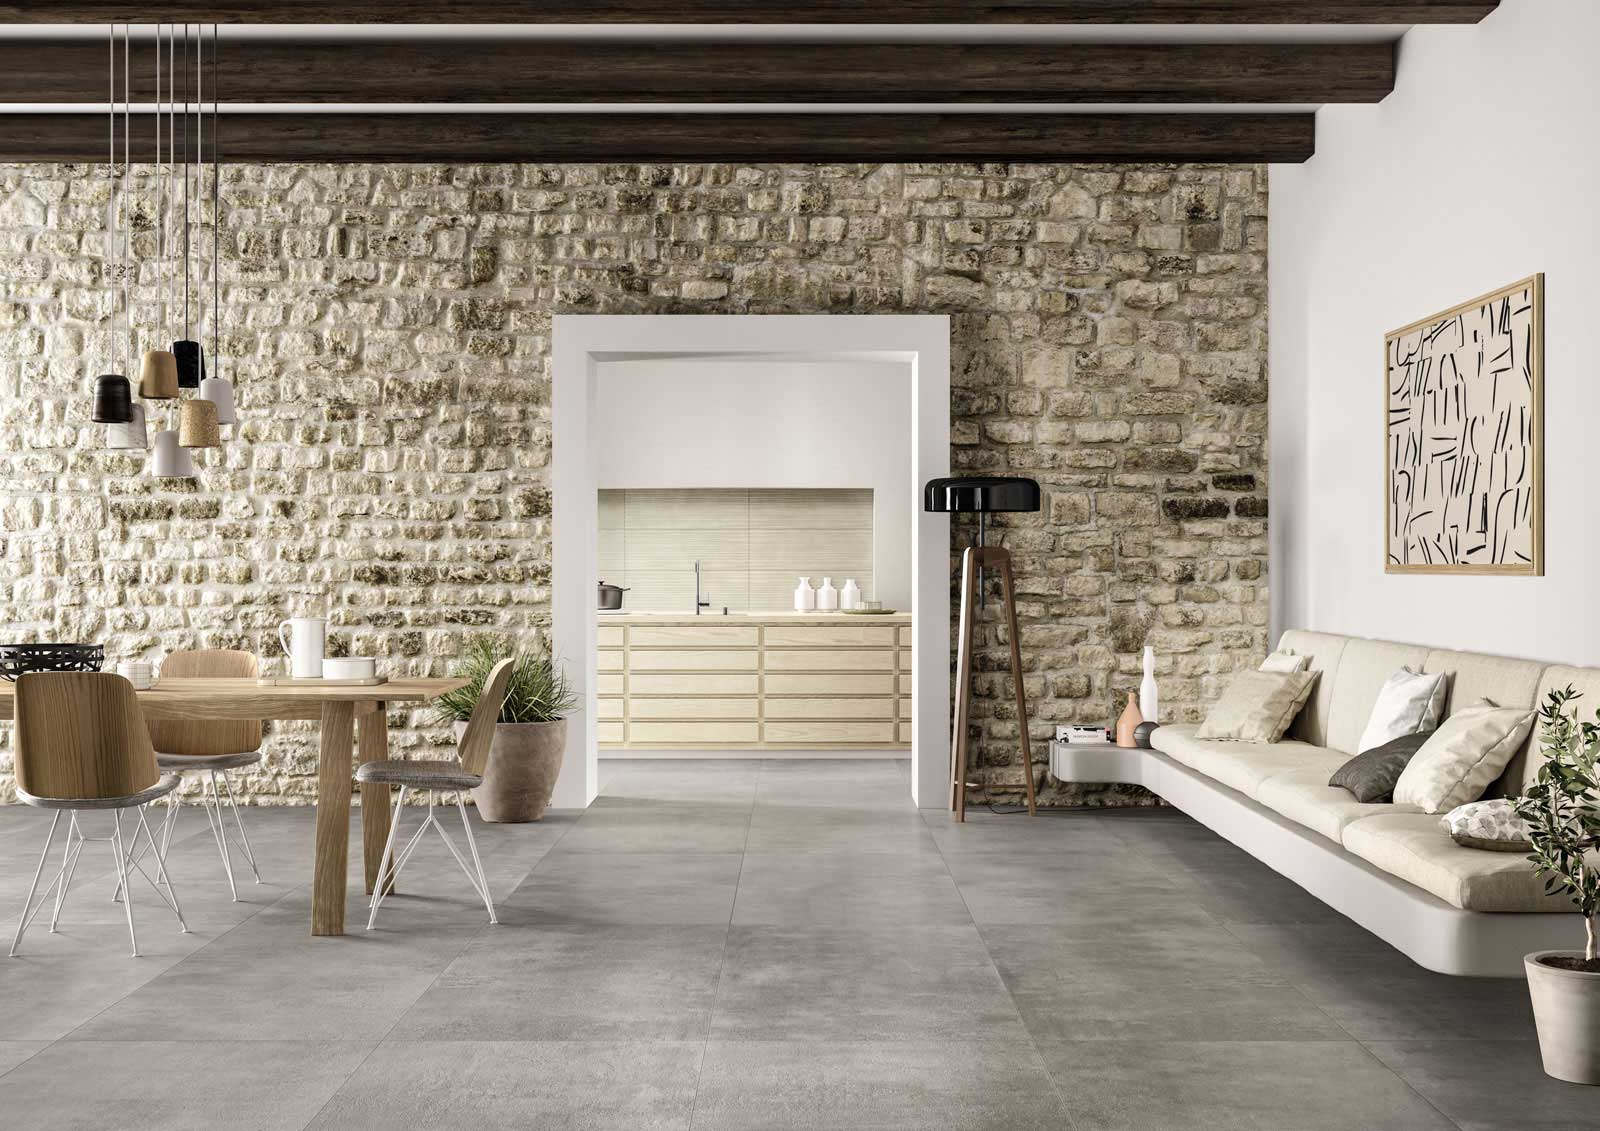 Piastrelle per salotto ispirazione per l 39 arredo marazzi - Piastrelle per salone ...